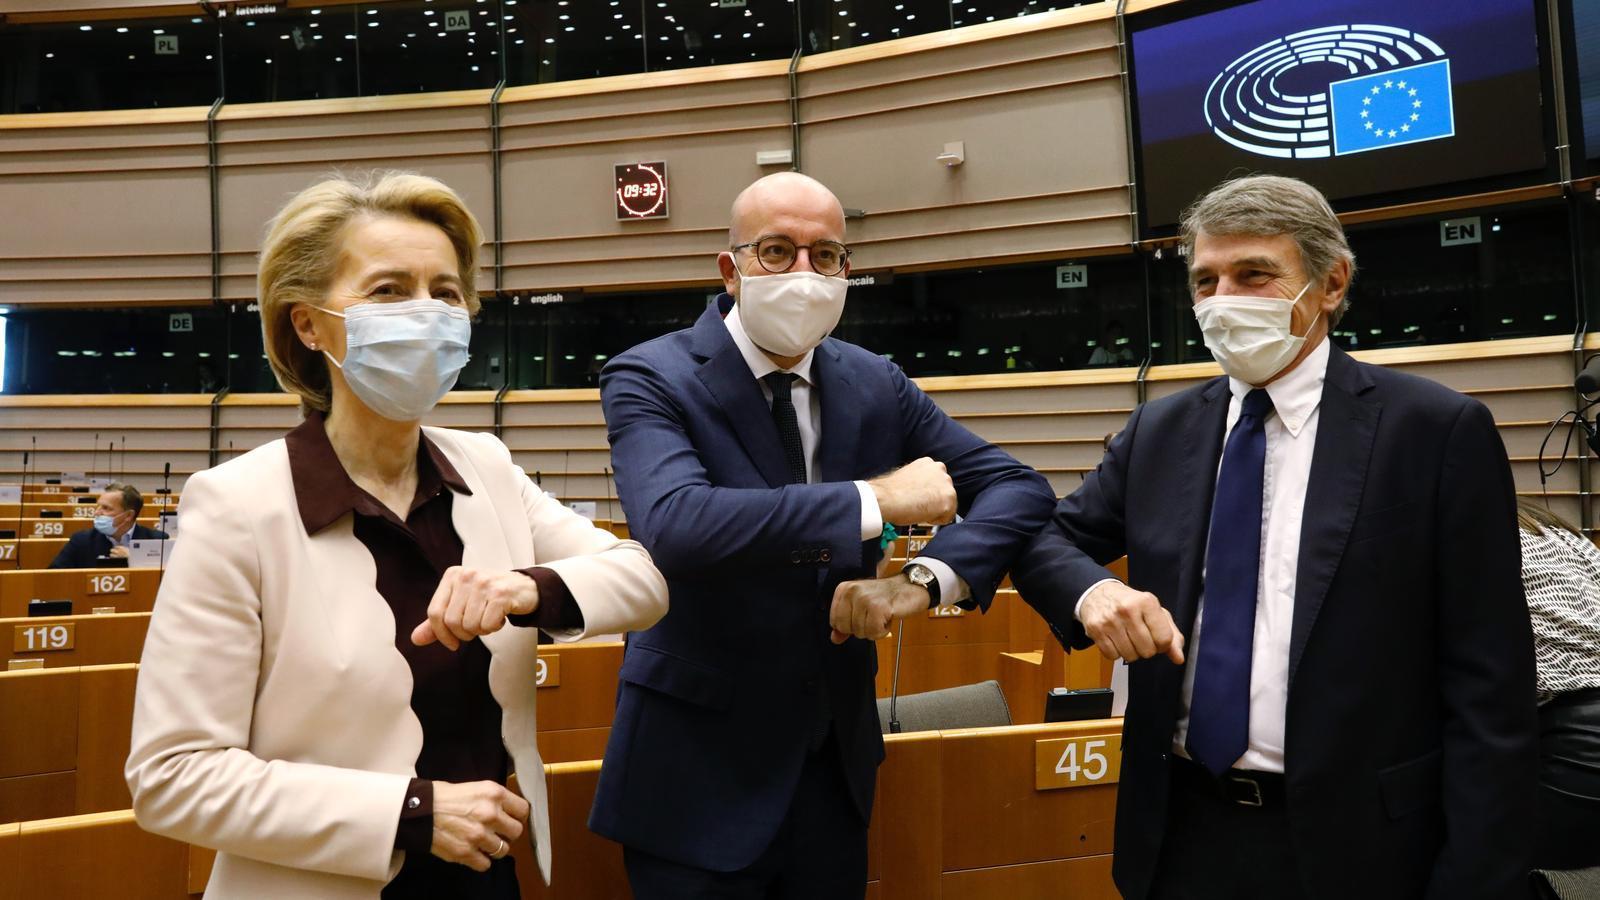 La presidenta de la Comissió Europea, Ursula Von der Leyen, amb el president del Consell, Charles Michel, i el president de l'Eurocambra, David Sassoli.